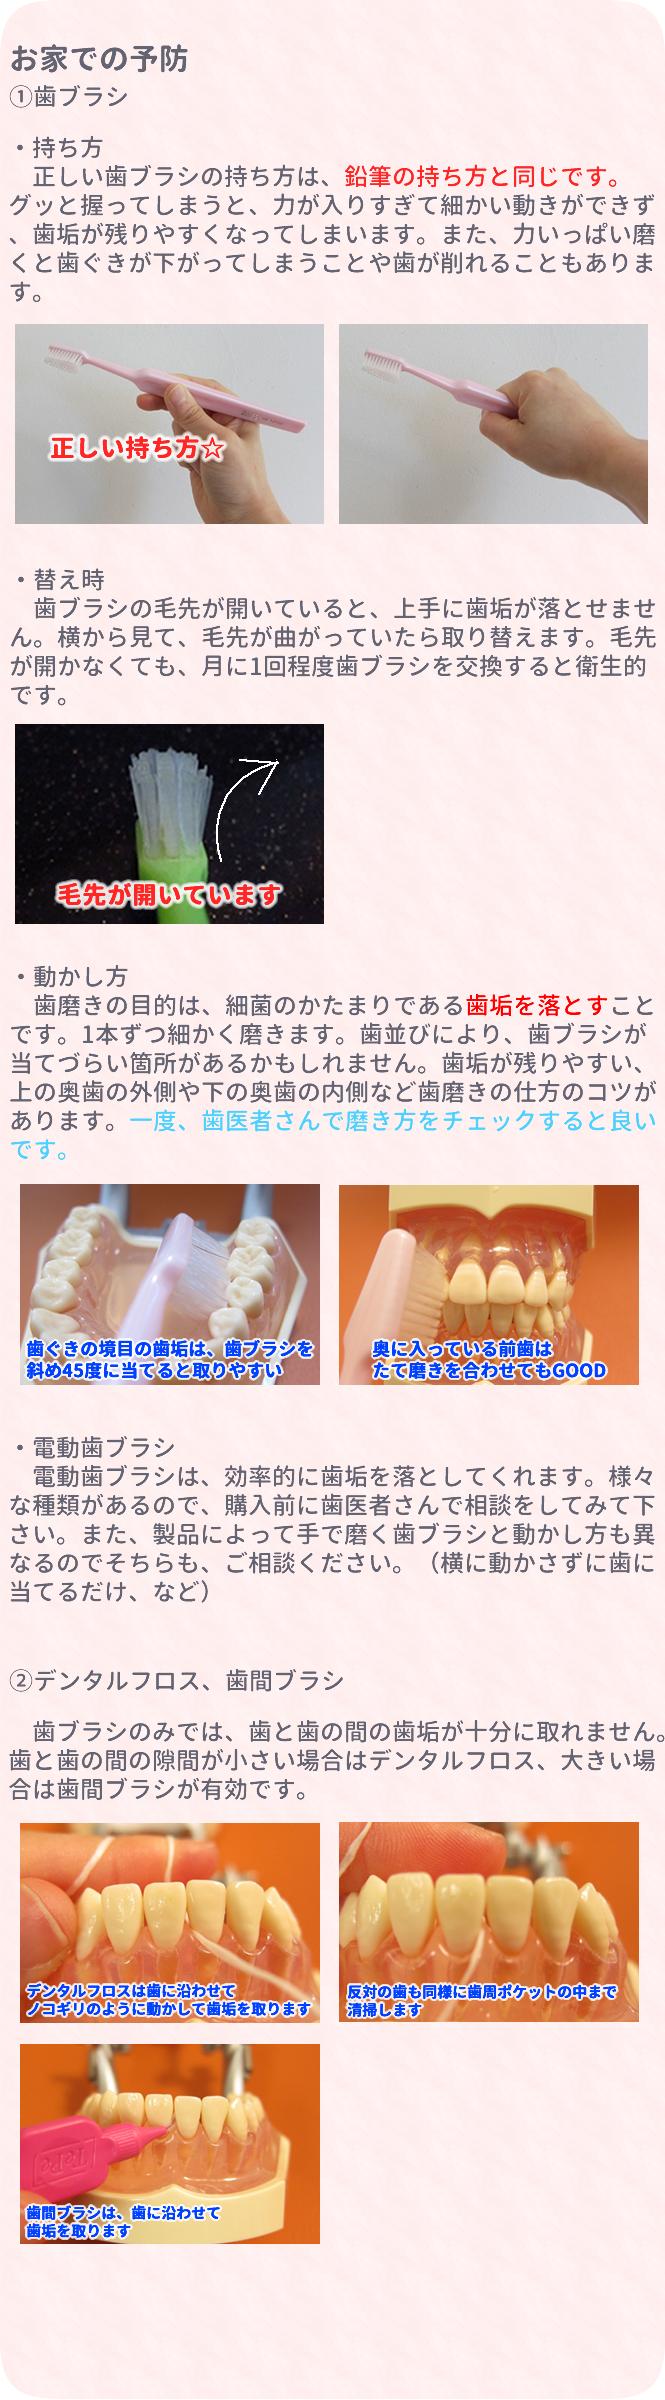 訪問歯科診療できる歯医者